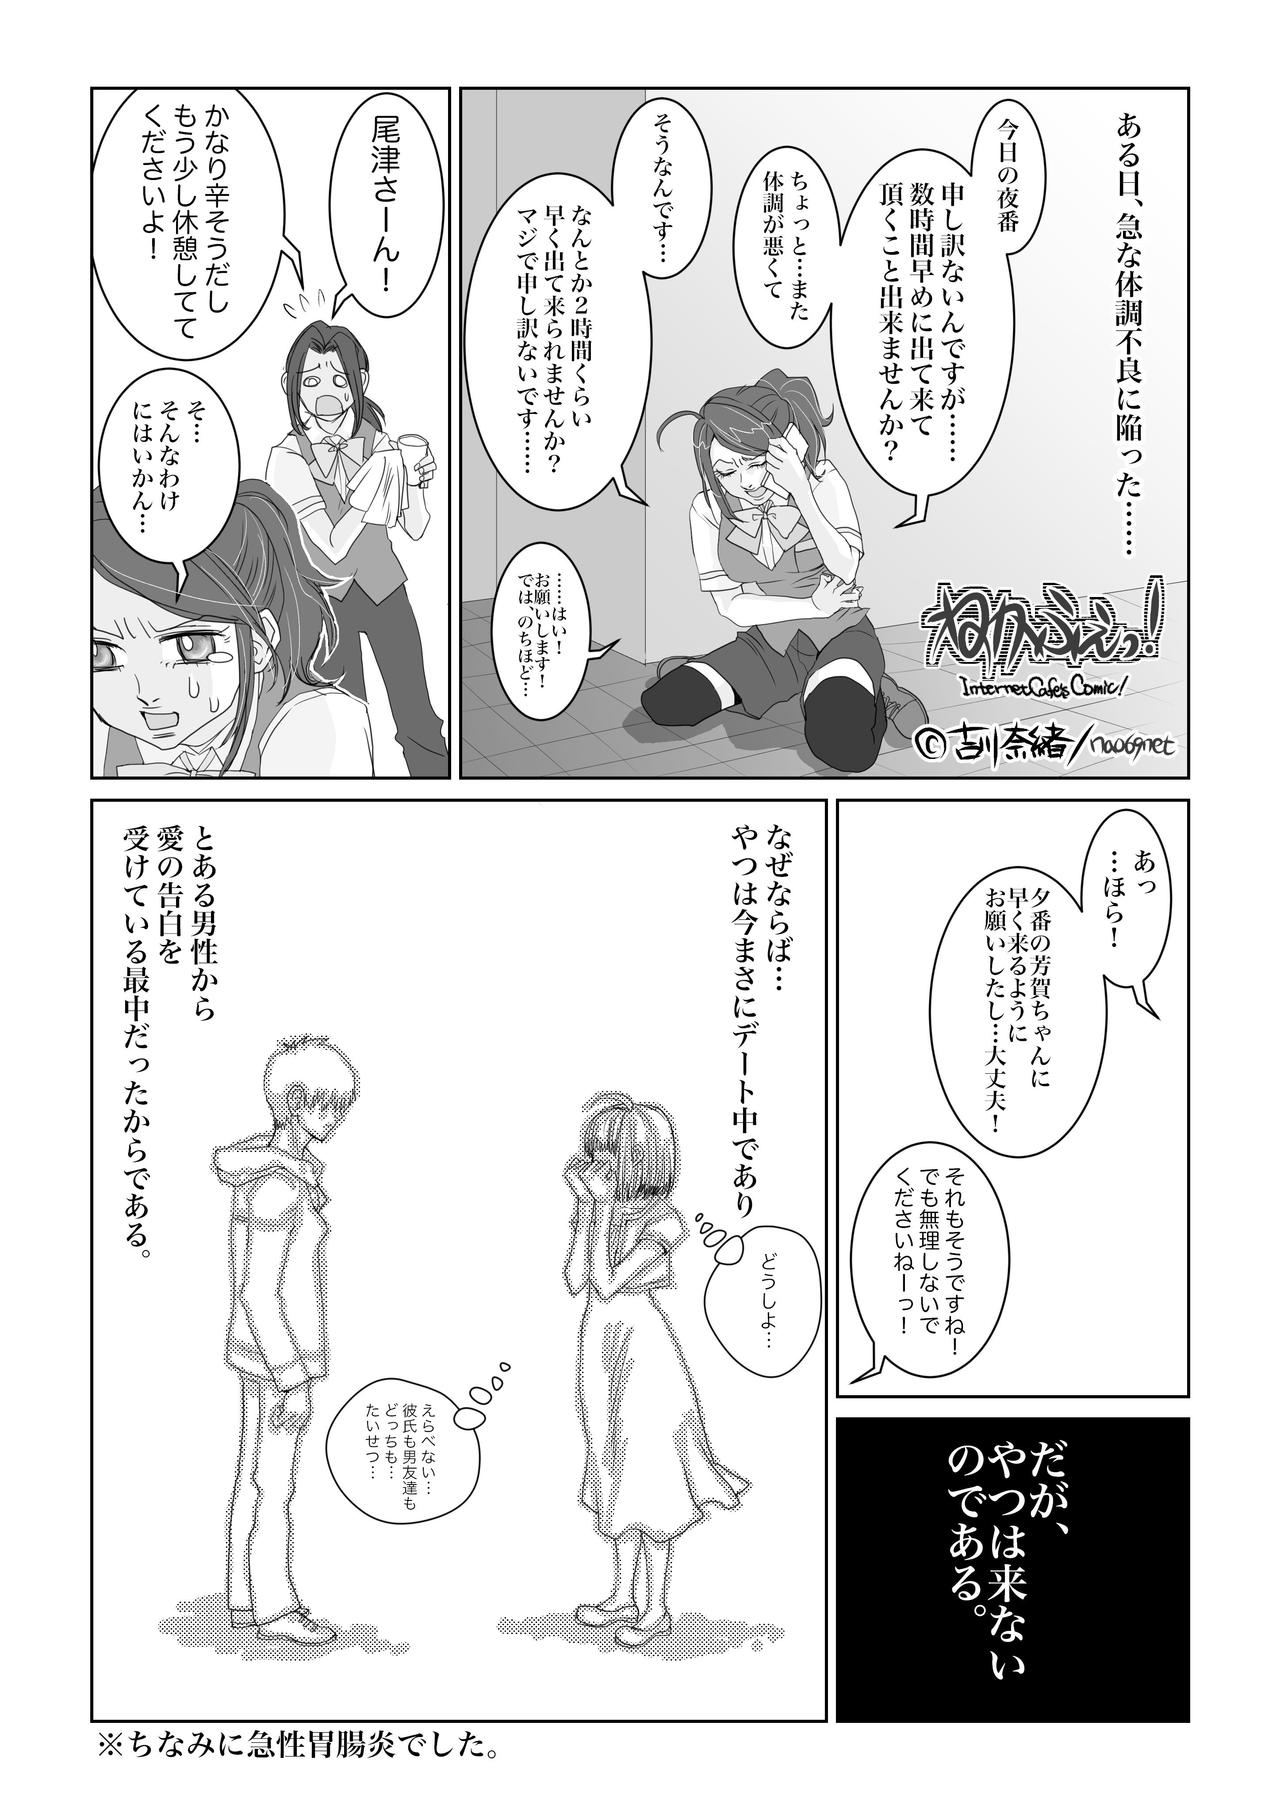 ねかふぇ_00003_350dpi